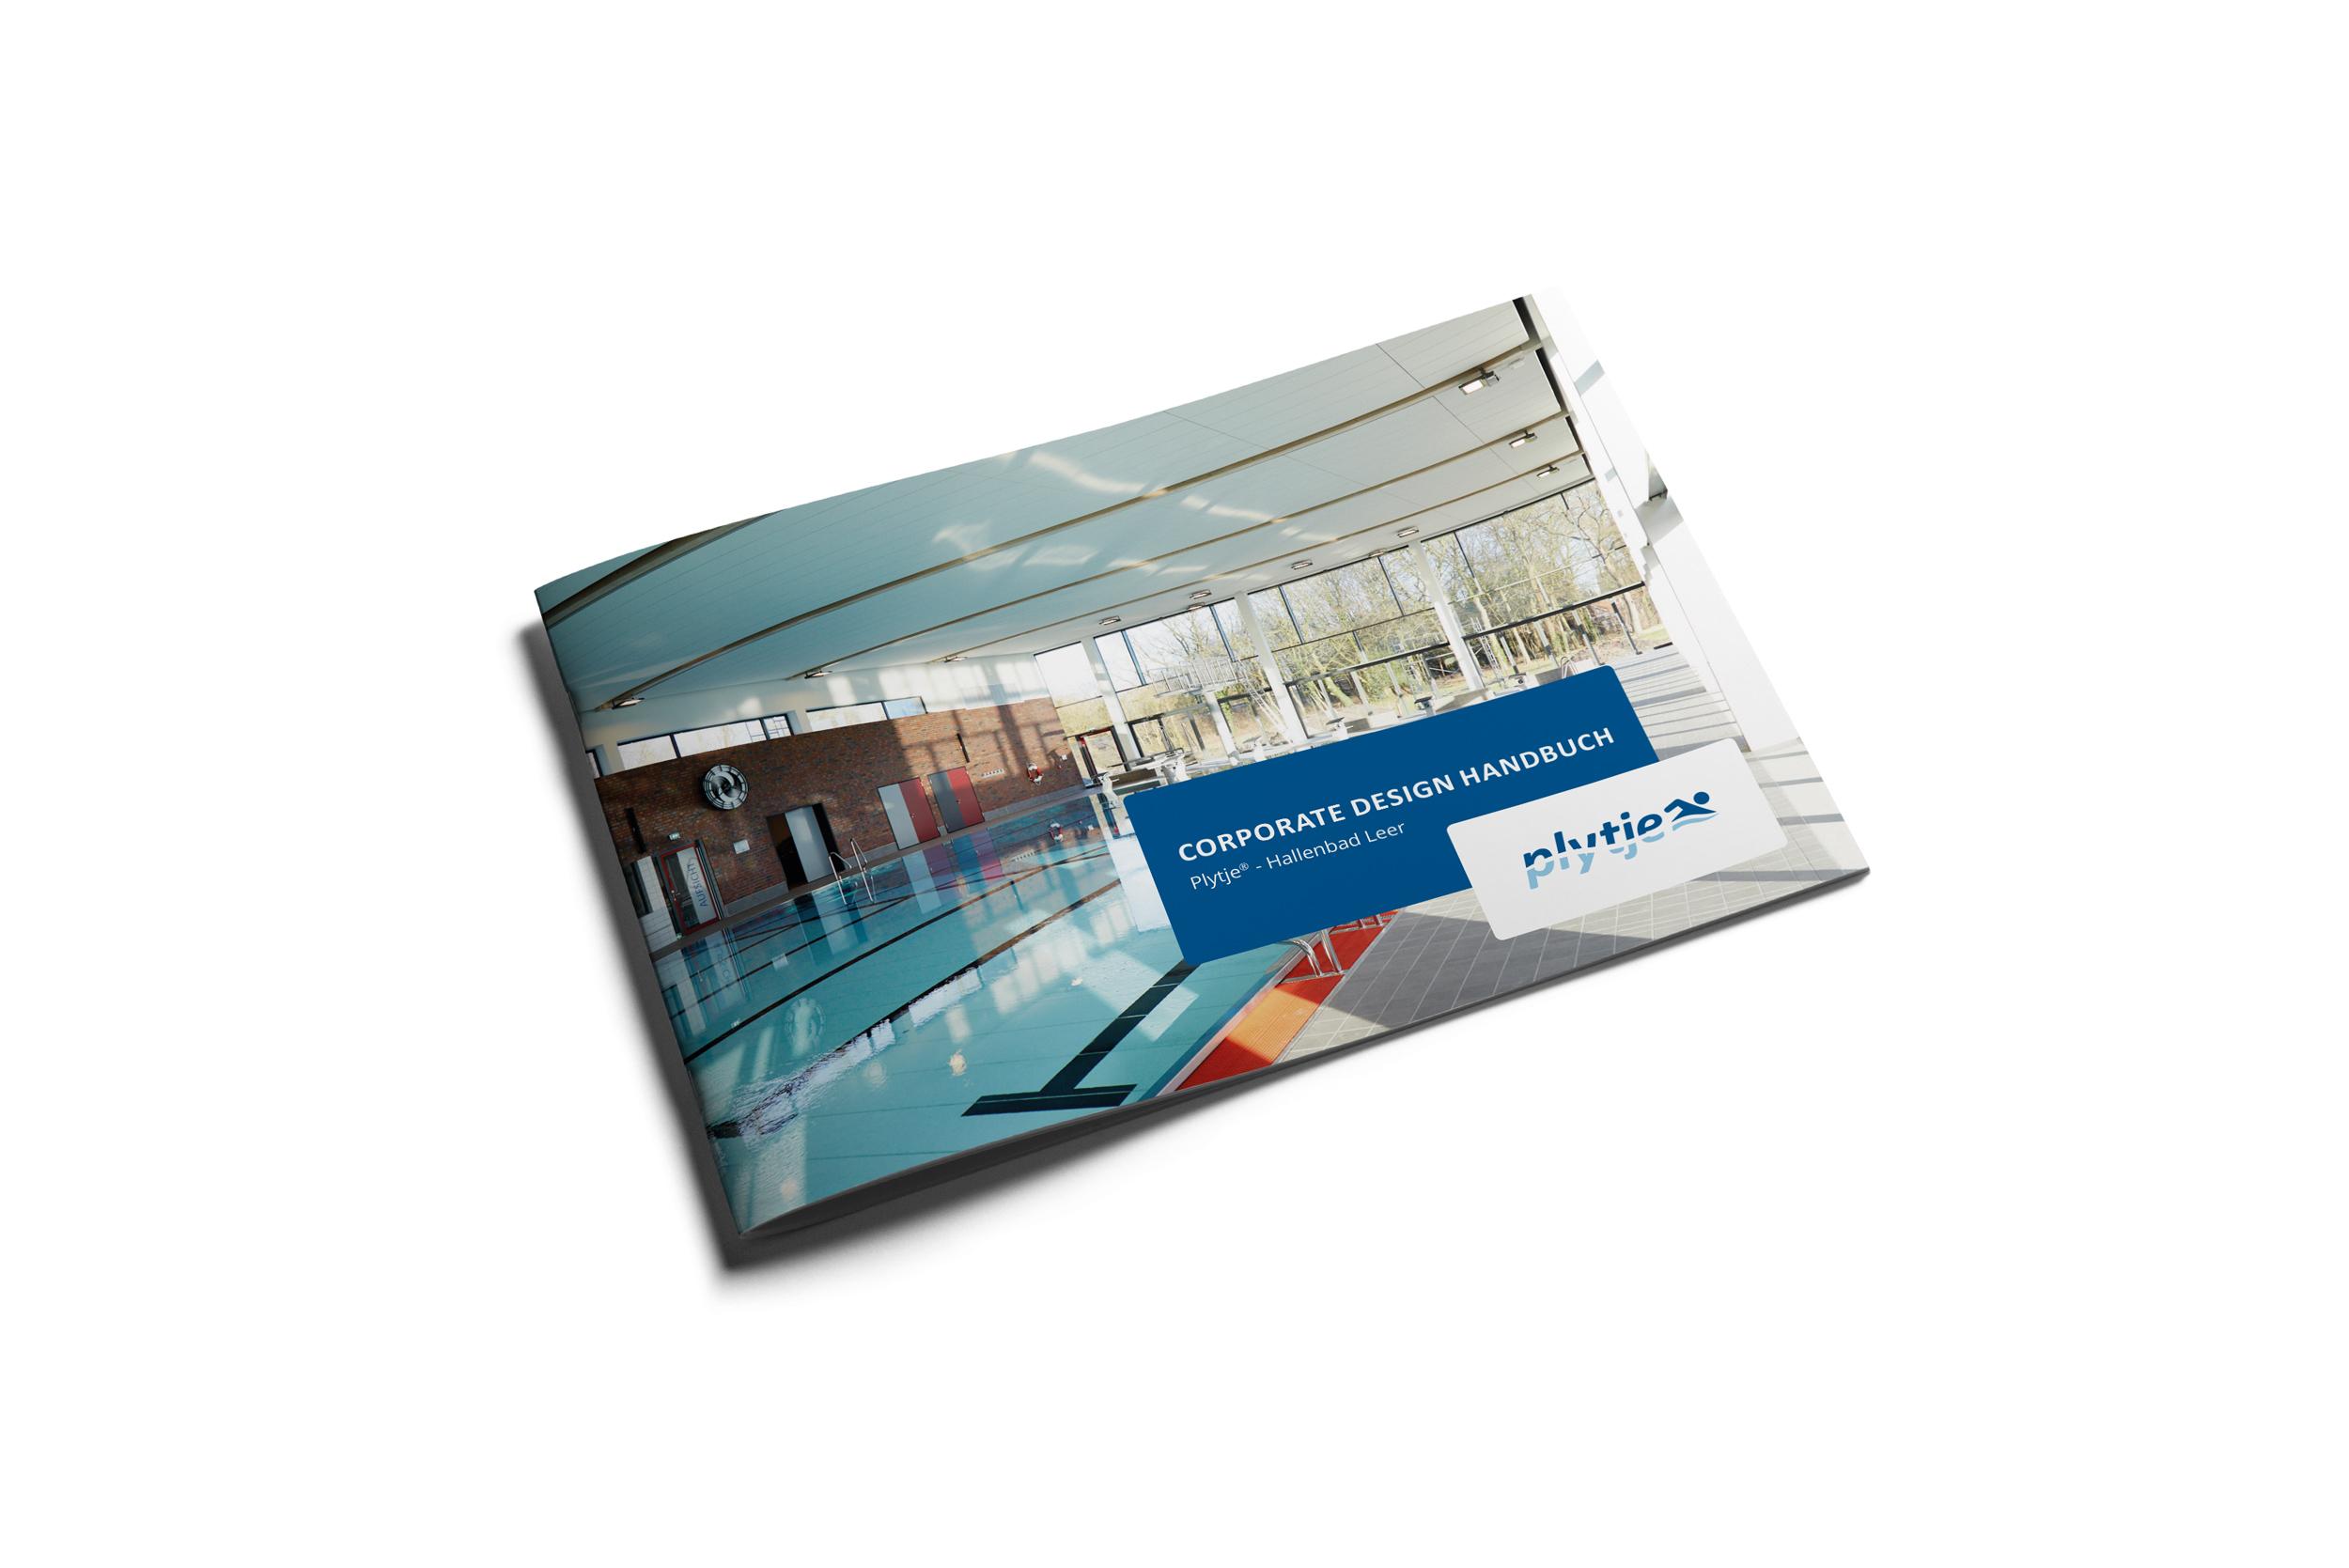 Titel-CD-Plytje-Hafenbude